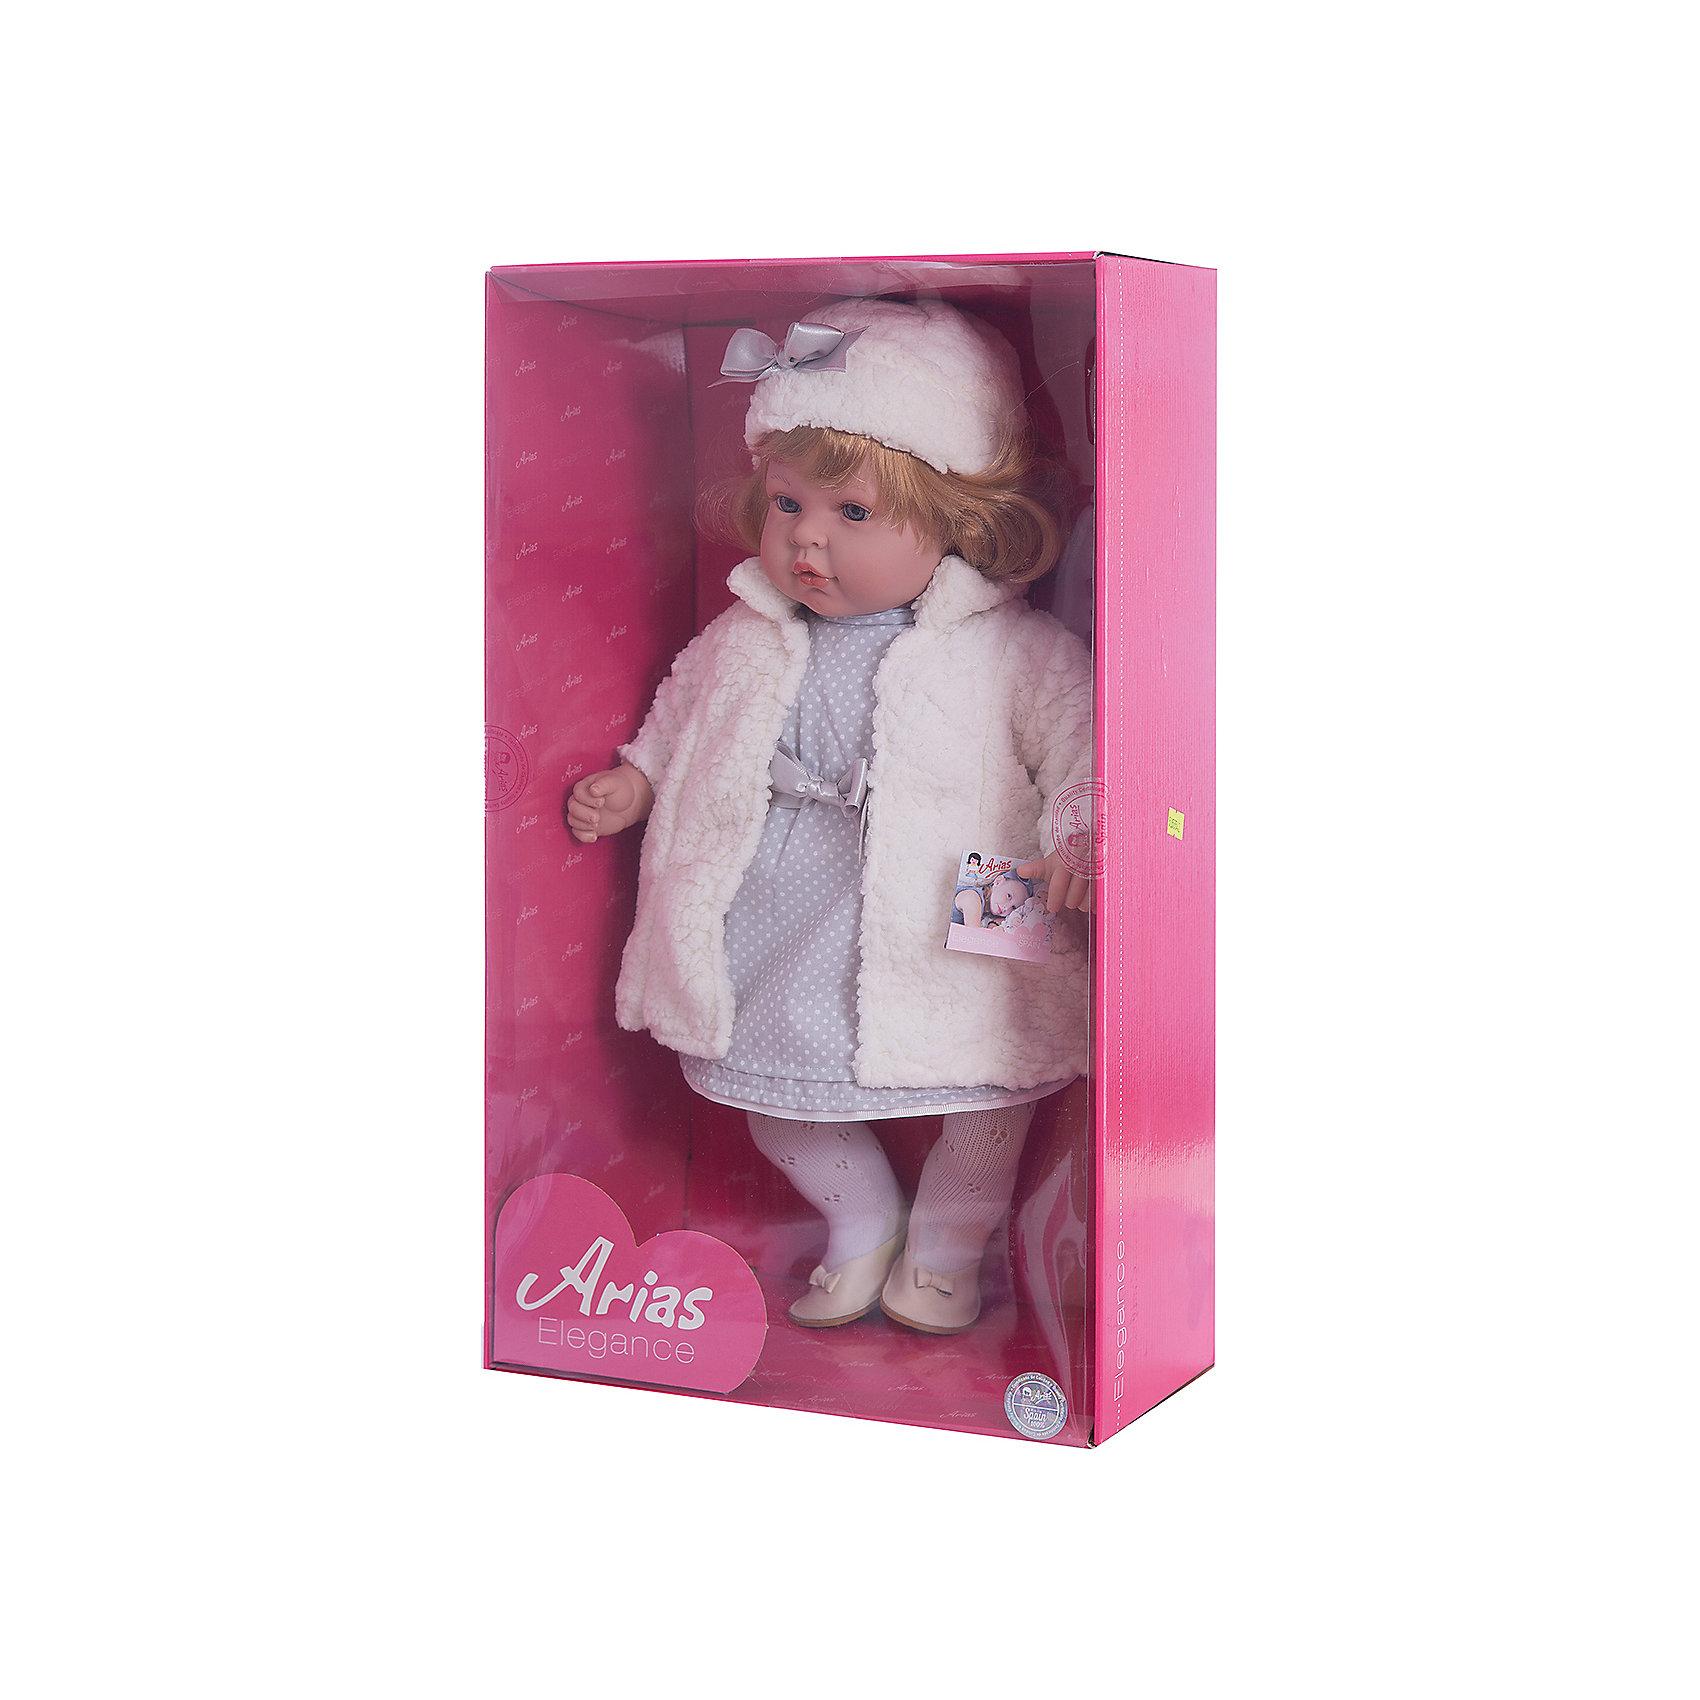 Кукла Elegance в белом платье, пальто и шапочке, 45 см, смеется, AriasИнтерактивные куклы<br>Характеристики:<br><br>• Вид игр: сюжетно-ролевые<br>• Пол: для девочек<br>• Коллекция: Elegance<br>• Материал: винил, текстиль, нейлон<br>• Длина куклы: 45 см<br>• Комплектация: кукла, платье, шубка, шапка, колготки, туфли <br>• Подвижные ручки и ножки <br>• Умеет смеяться<br>• Батарейки: 3 x AG13 / LR44 (предусмотрены в комплекте)<br>• Вес в упаковке: 1 кг 800 г<br>• Размеры упаковки (Г*Ш*В): 32*16,5*54 см<br>• Упаковка: картонная коробка<br>• Особенности ухода: куклу можно купать, одежда – ручная стирка<br><br>Кукла Elegance в белом платье, пальто и шапочке, 45 см, смеется, Arias изготовлен известным испанским торговым предприятием Munecas, который специализируется на выпуске кукол и пупсов. Пупсы и куклы Arias с высокой степенью достоверности повторяют облик маленьких детей, благодаря мельчайшим деталям внешнего вида и одежды игрушки выглядят мило и очаровательно. Кукла выполнена из винила, у нее подвижные ручки и ножки, слегка вьющиеся светлые волосы, четко прорисованные глаза и брови, курносый носик и пухленькие губки. Малышка одета в серое длинное платье в горошек, ажурные колготки, на ножках у нее туфельки. Дополняют образ длинное меховое пальто белого цвета и шапка, украшенная атласным бантиком. При нажатии на животик, кукла начинает смеяться. Кукла Elegance в белом платье, пальто и шапочке, 45 см, смеется, Arias идеальным подарком для девочки к любому празднику.<br><br>Куклу Elegance в белом платье, пальто и шапочке, 45 см, смеется, Arias можно купить в нашем интернет-магазине.<br><br>Ширина мм: 320<br>Глубина мм: 540<br>Высота мм: 165<br>Вес г: 1950<br>Возраст от месяцев: 36<br>Возраст до месяцев: 120<br>Пол: Женский<br>Возраст: Детский<br>SKU: 5355542